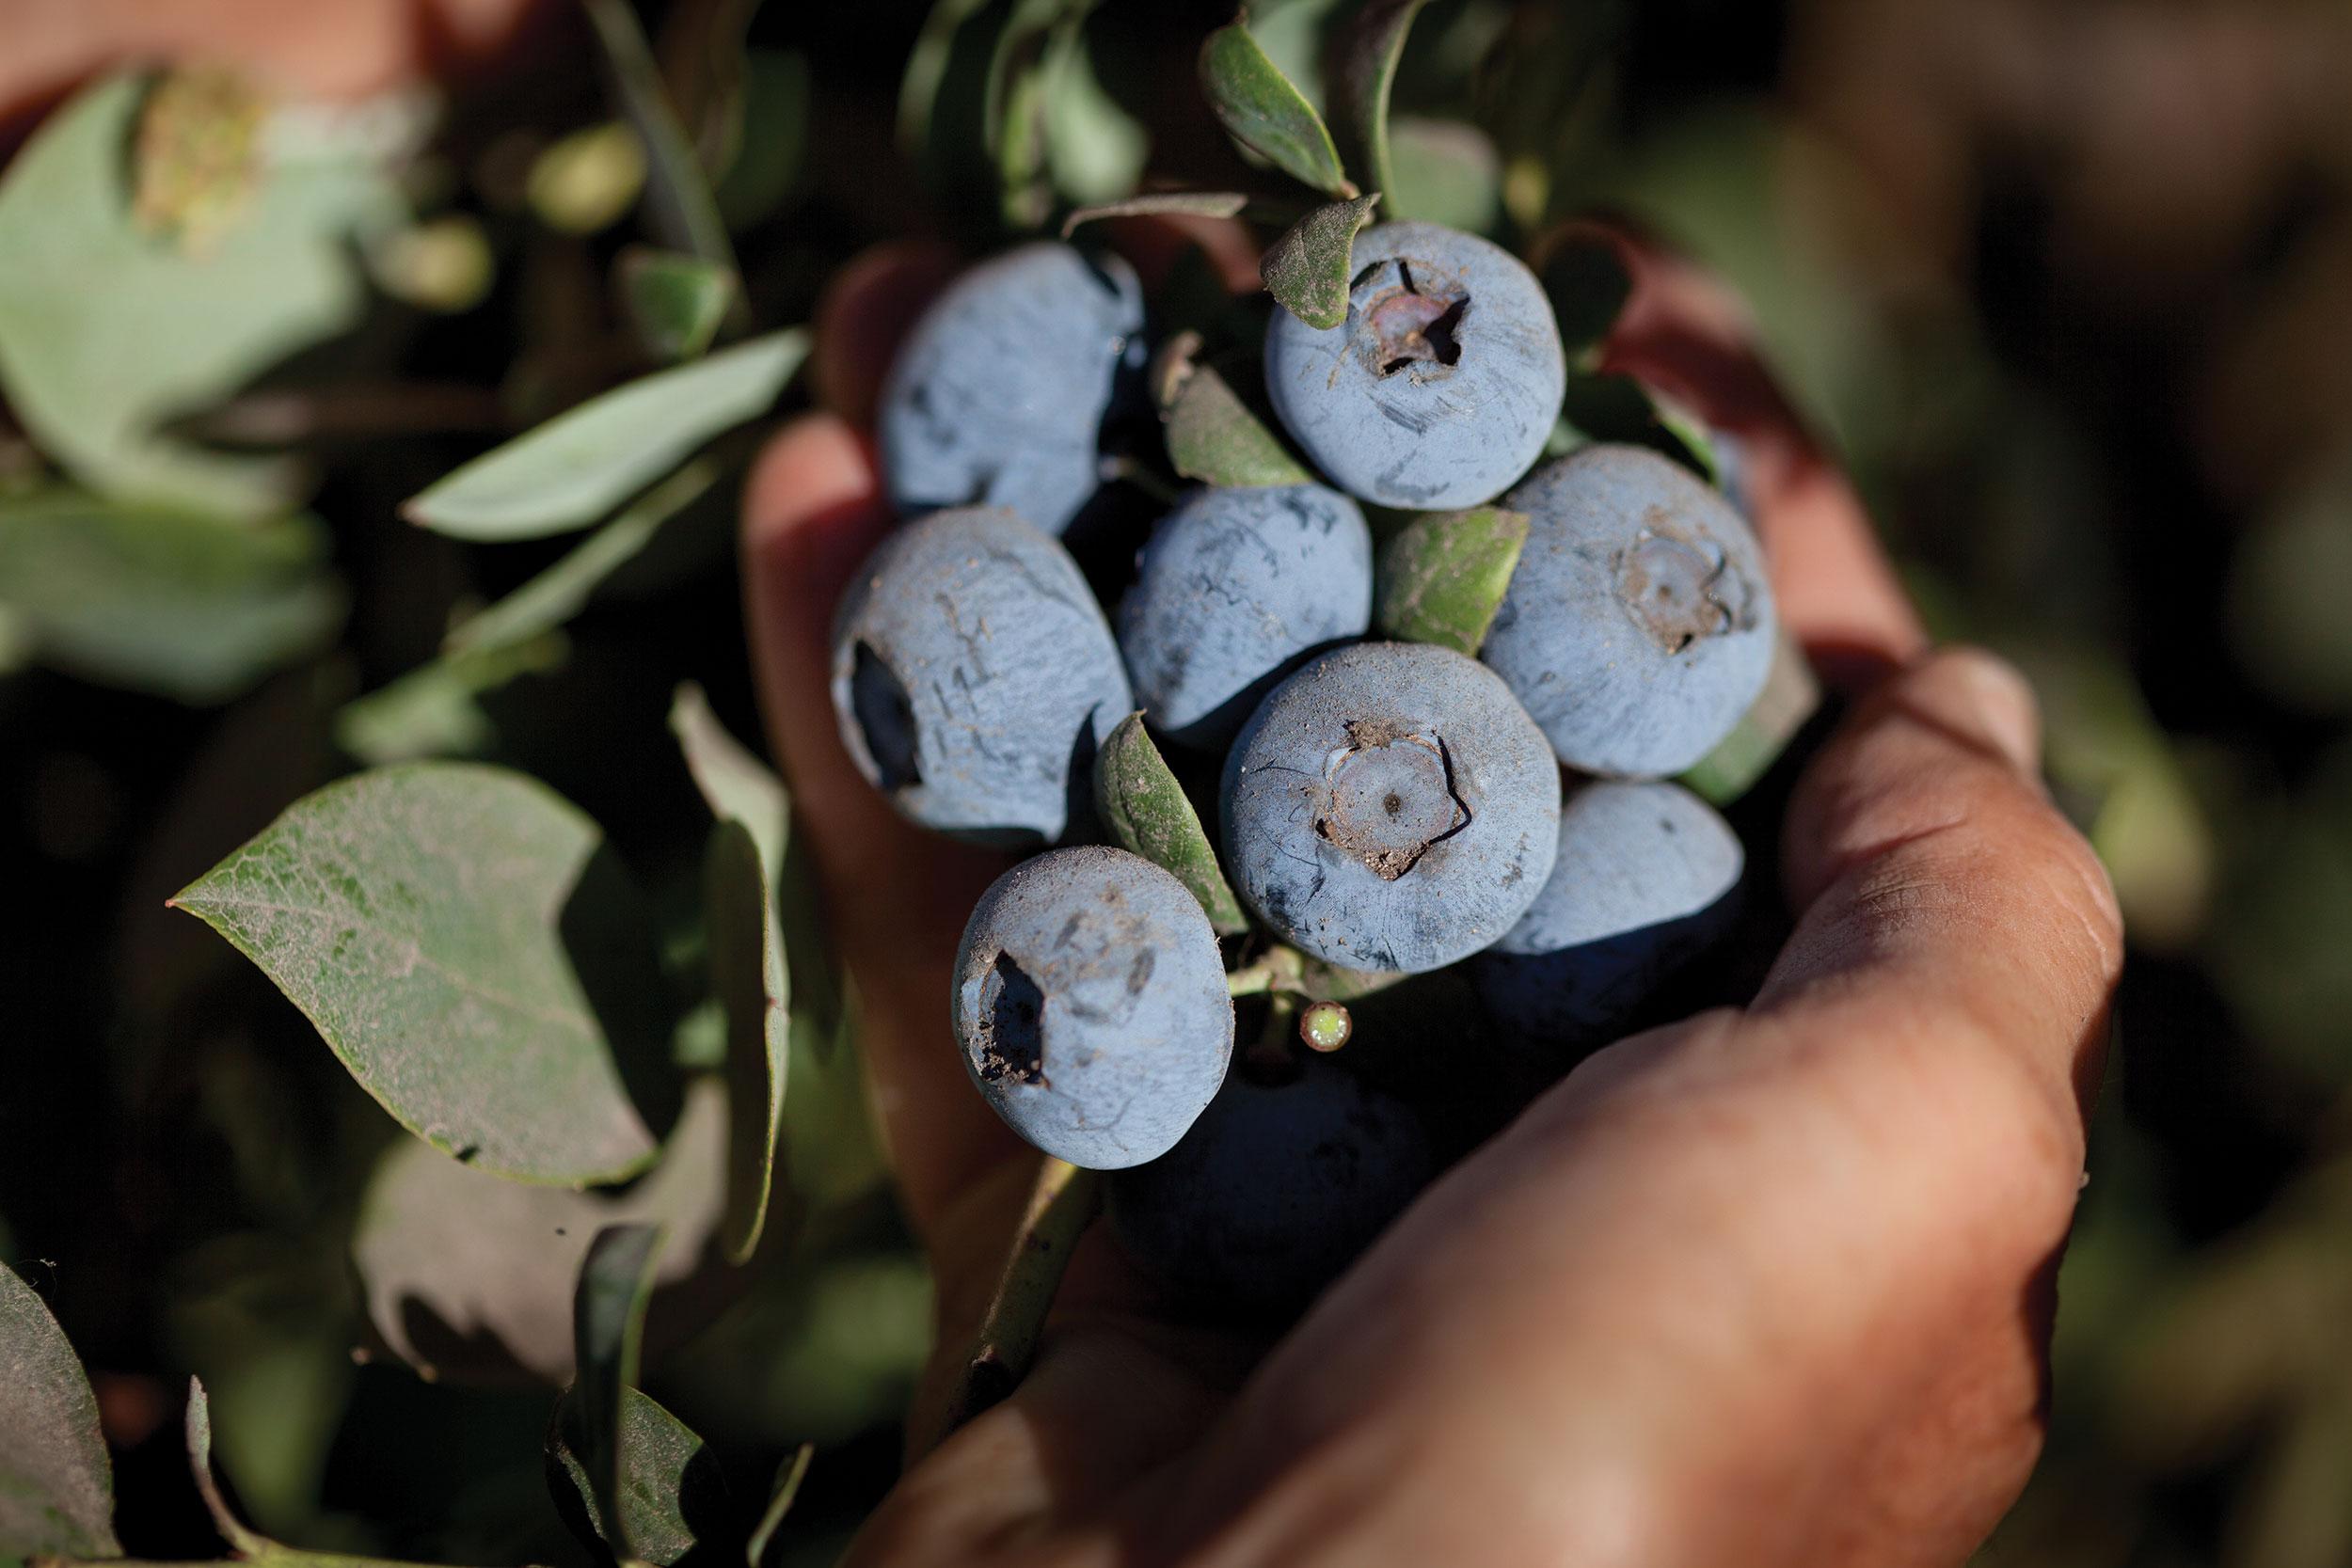 sfm_blueberries.jpg